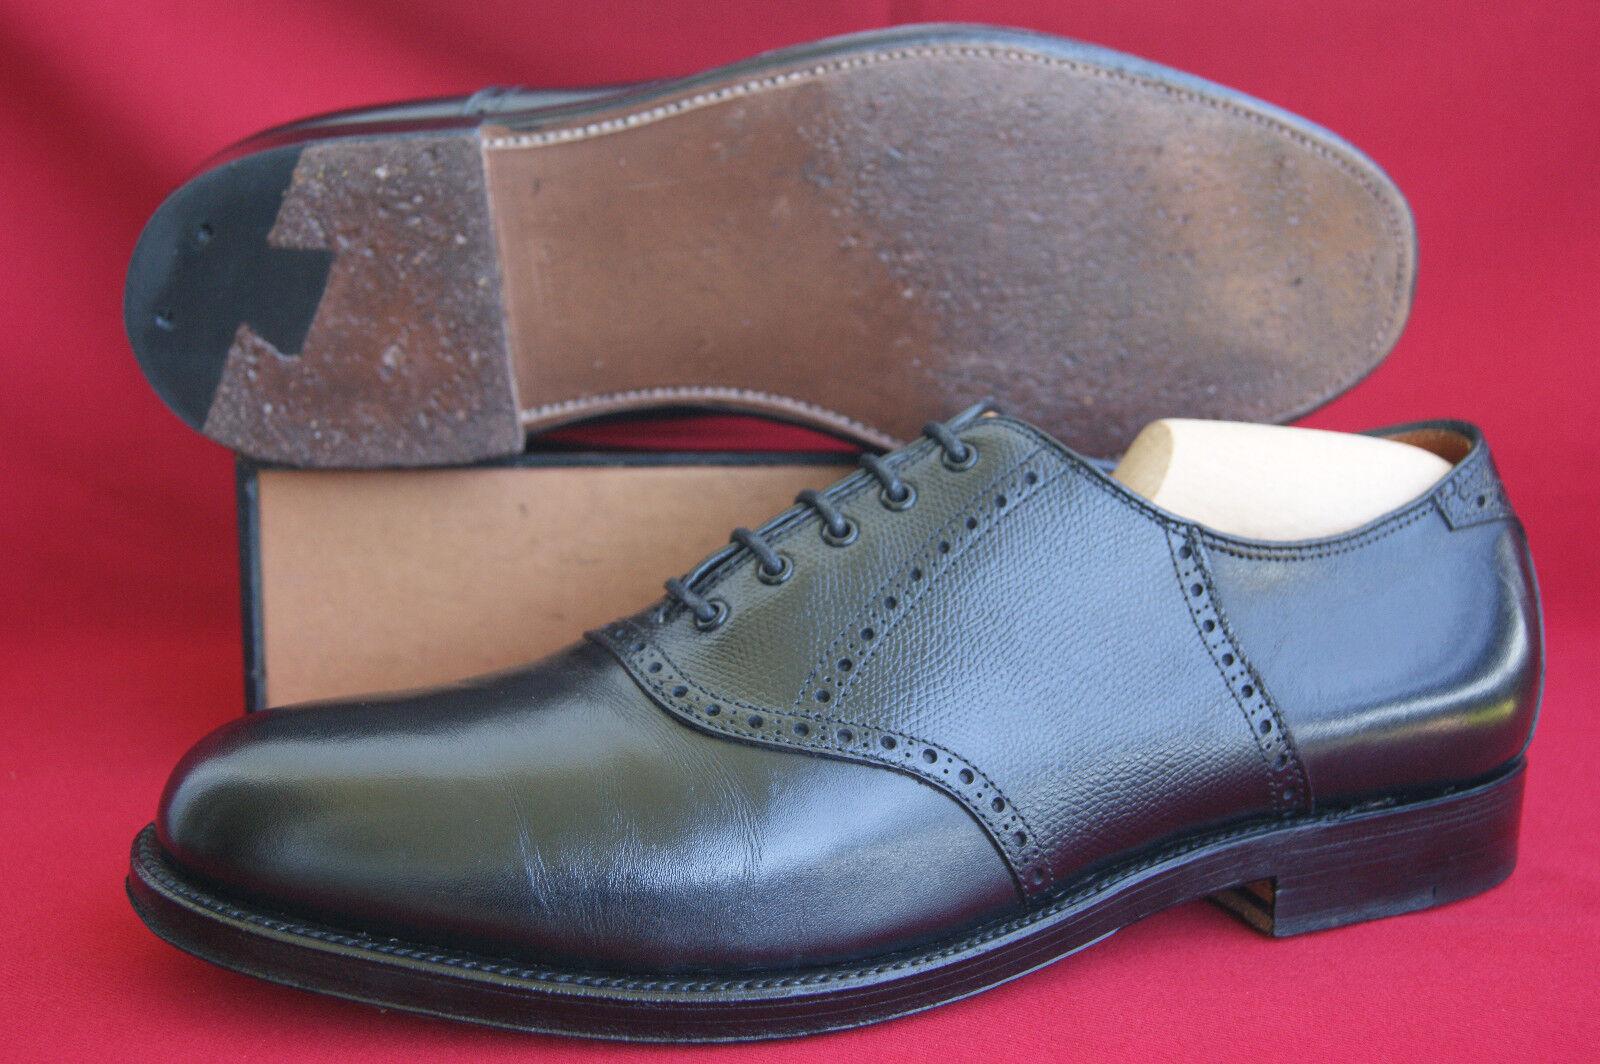 Alden Saddle Oxford US Gr. 12 D (46)  Rare selten Dress Oxford Top +Schuhspanner